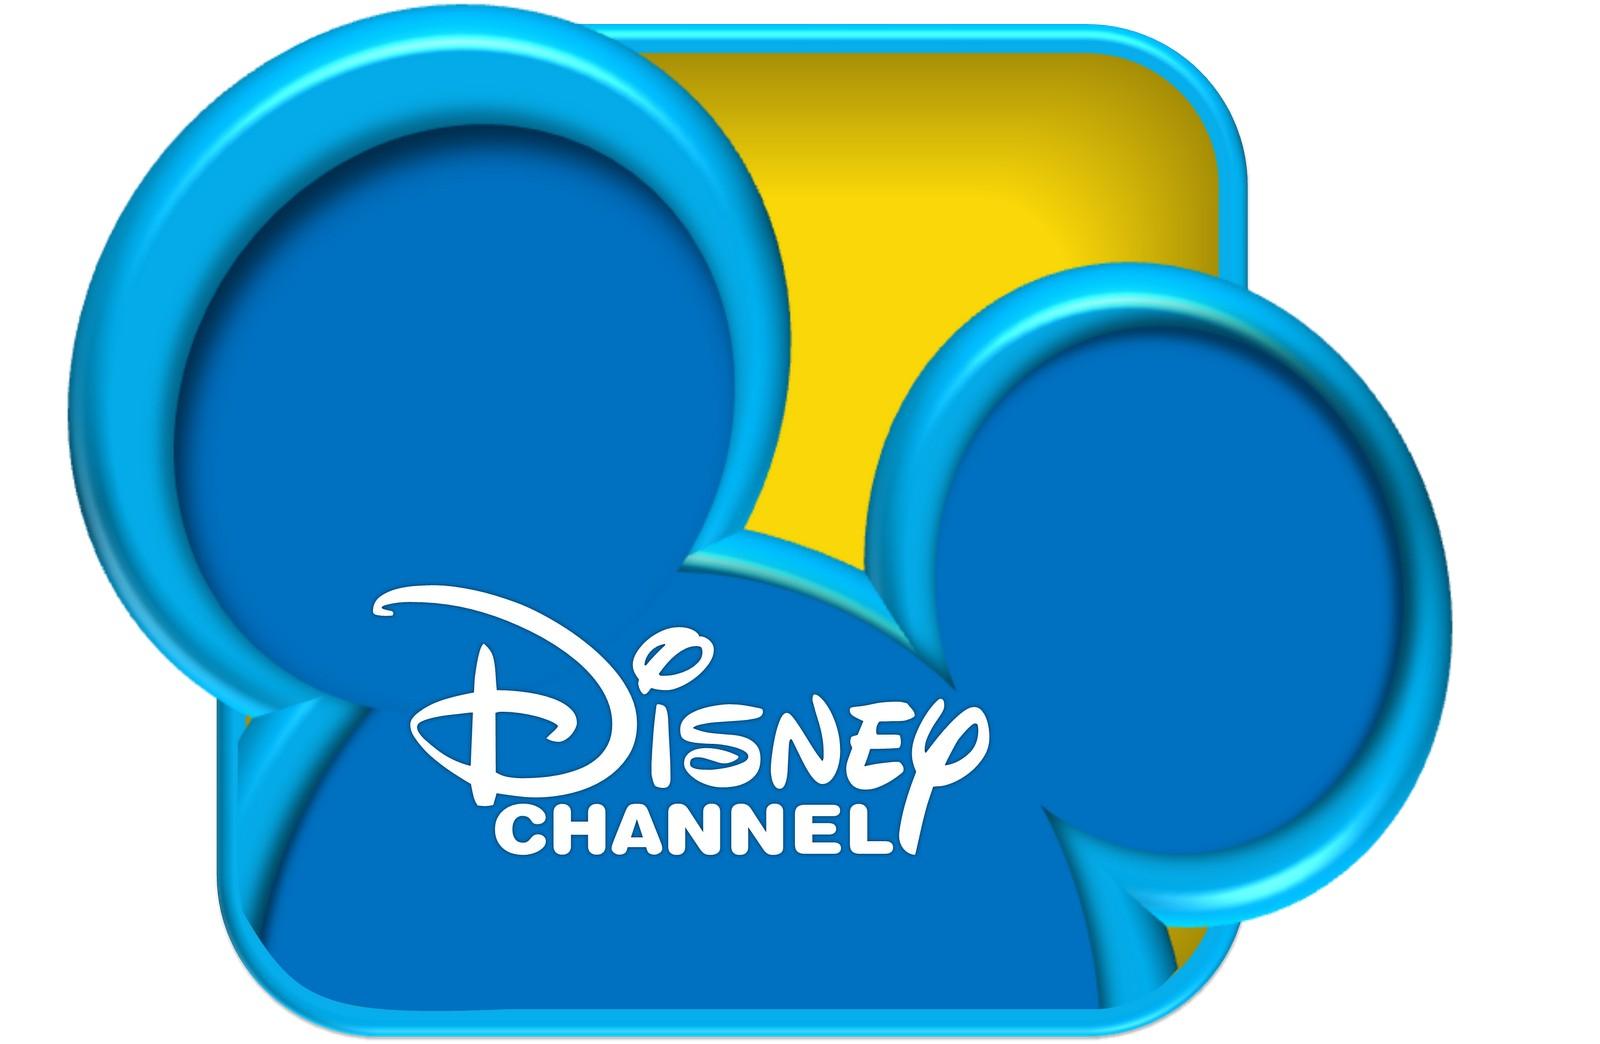 Les personnages de Disney Channel, filles